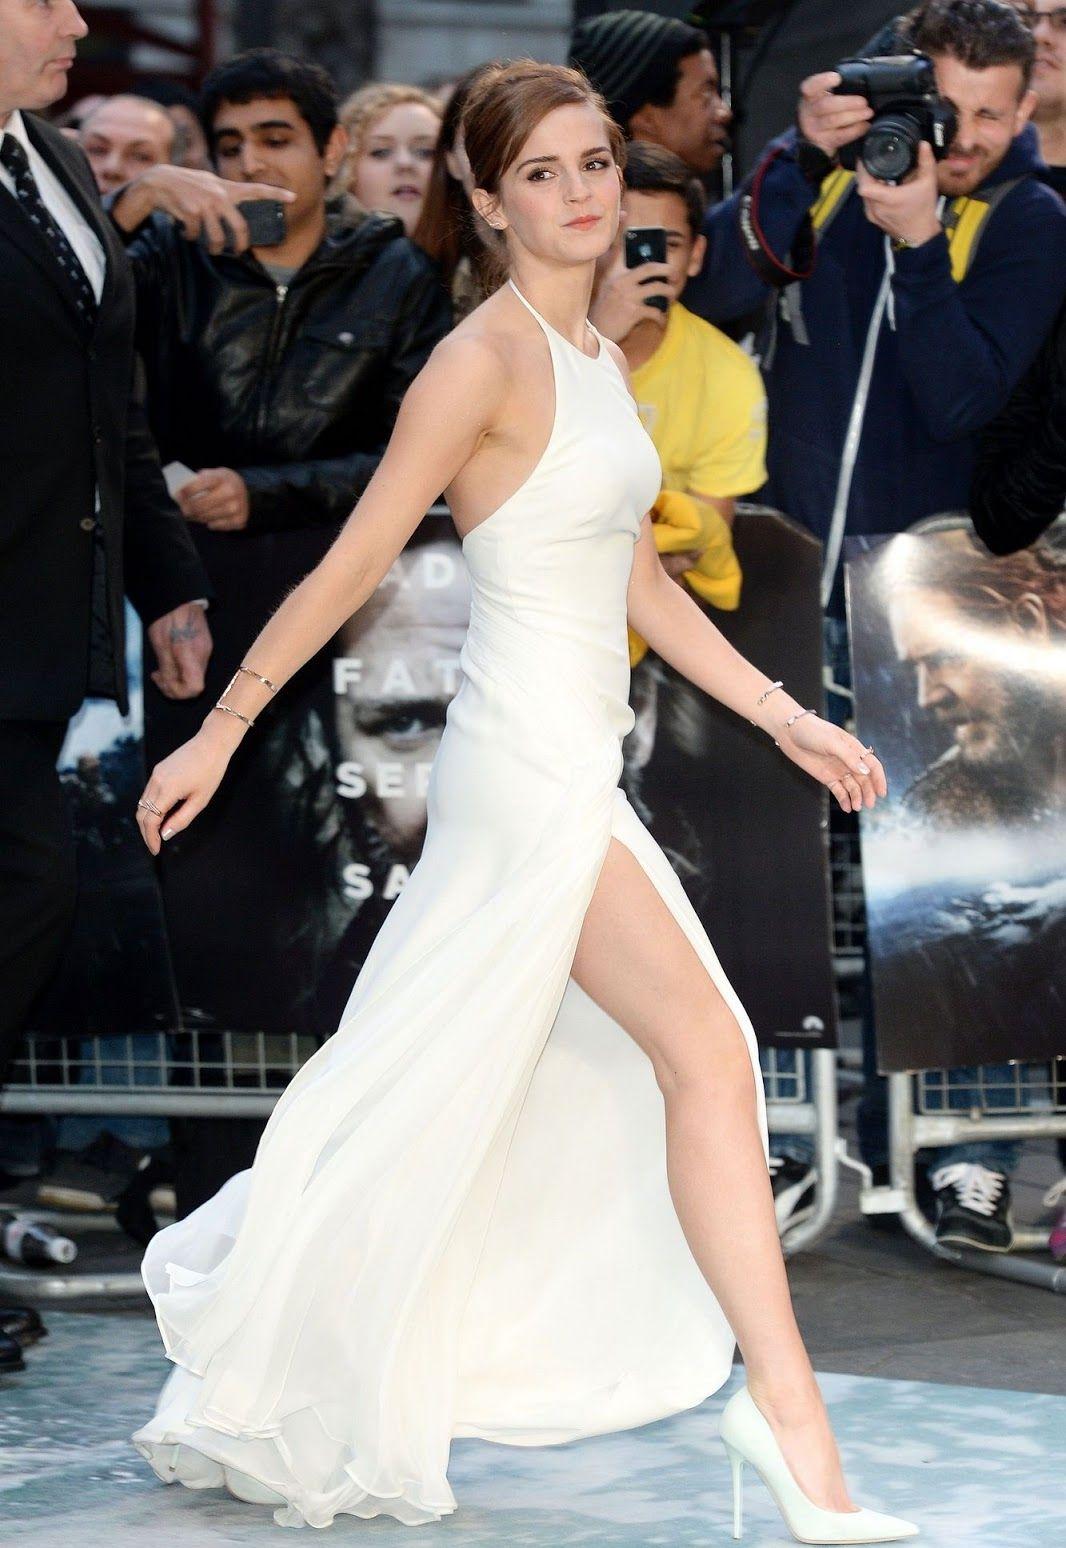 List of Celebrity measurements - FamousFix List